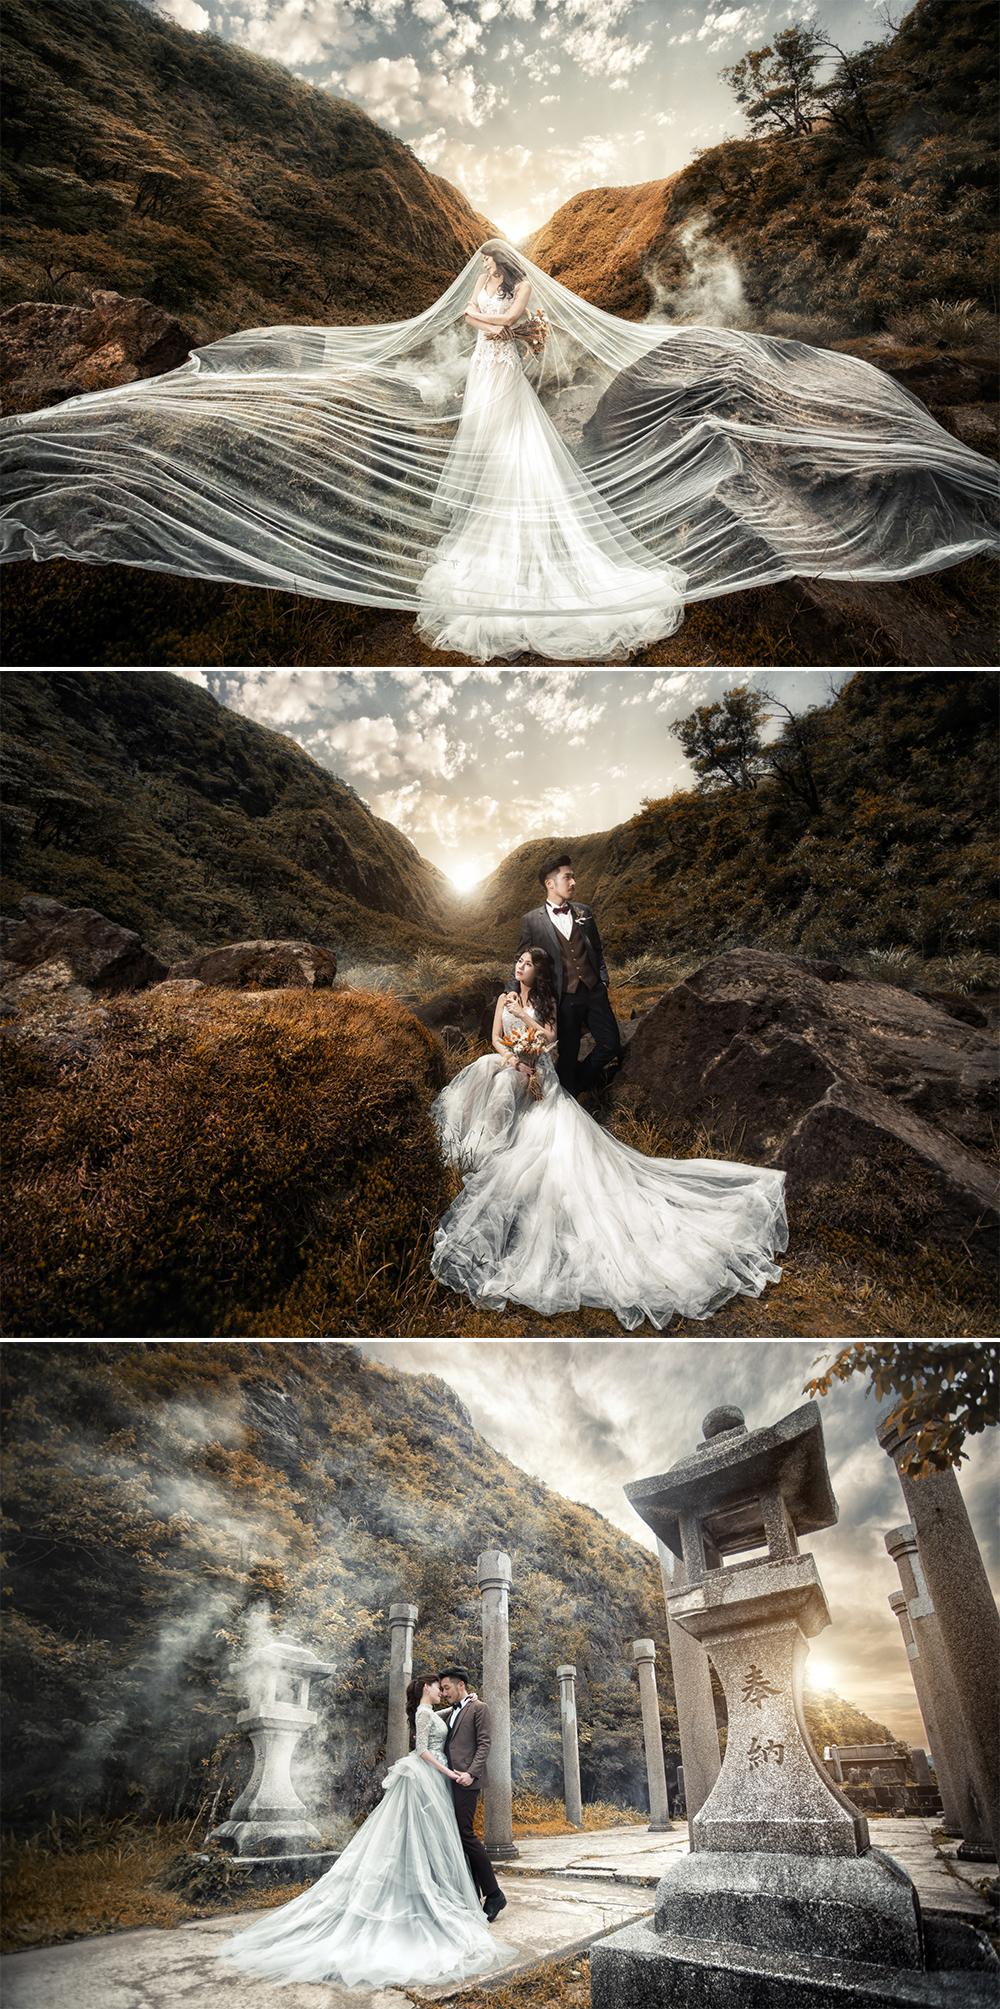 台灣婚紗照外拍景點 - 九份黃金博物館